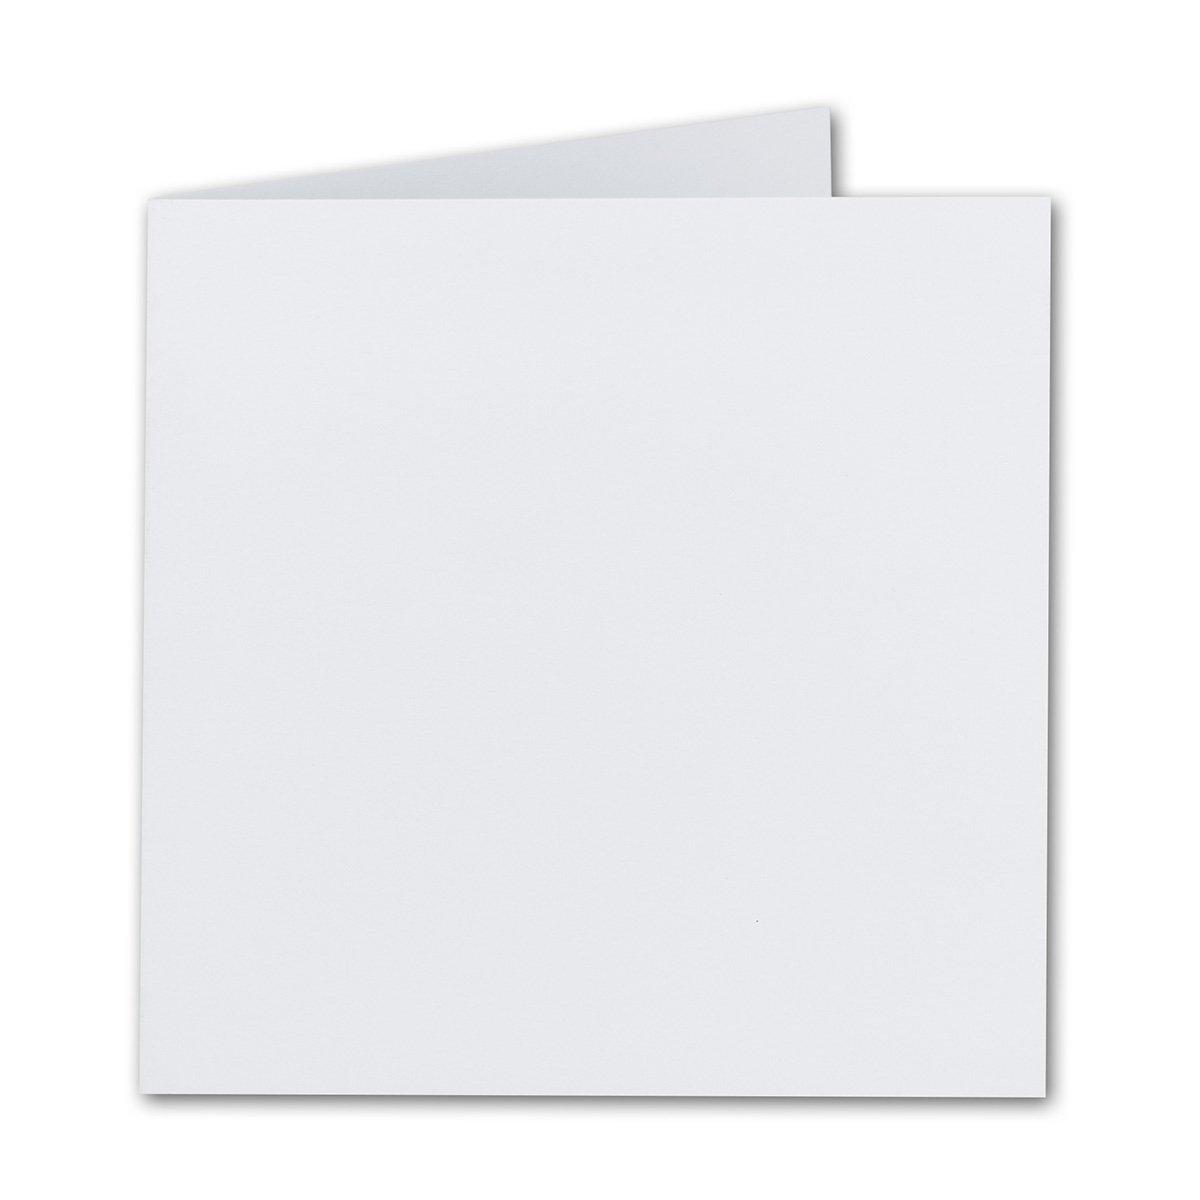 Quadratische Falt-Karten 15 x 15 cm     Gold Metallic   100 Stück   formstabil   für Drucker geeignet   für Grußkarten, Einladungen & mehr   Qualitätsmarke  FarbenFroh® von Gustav NEUSER® B07D3B7FR1   Trendy  290572